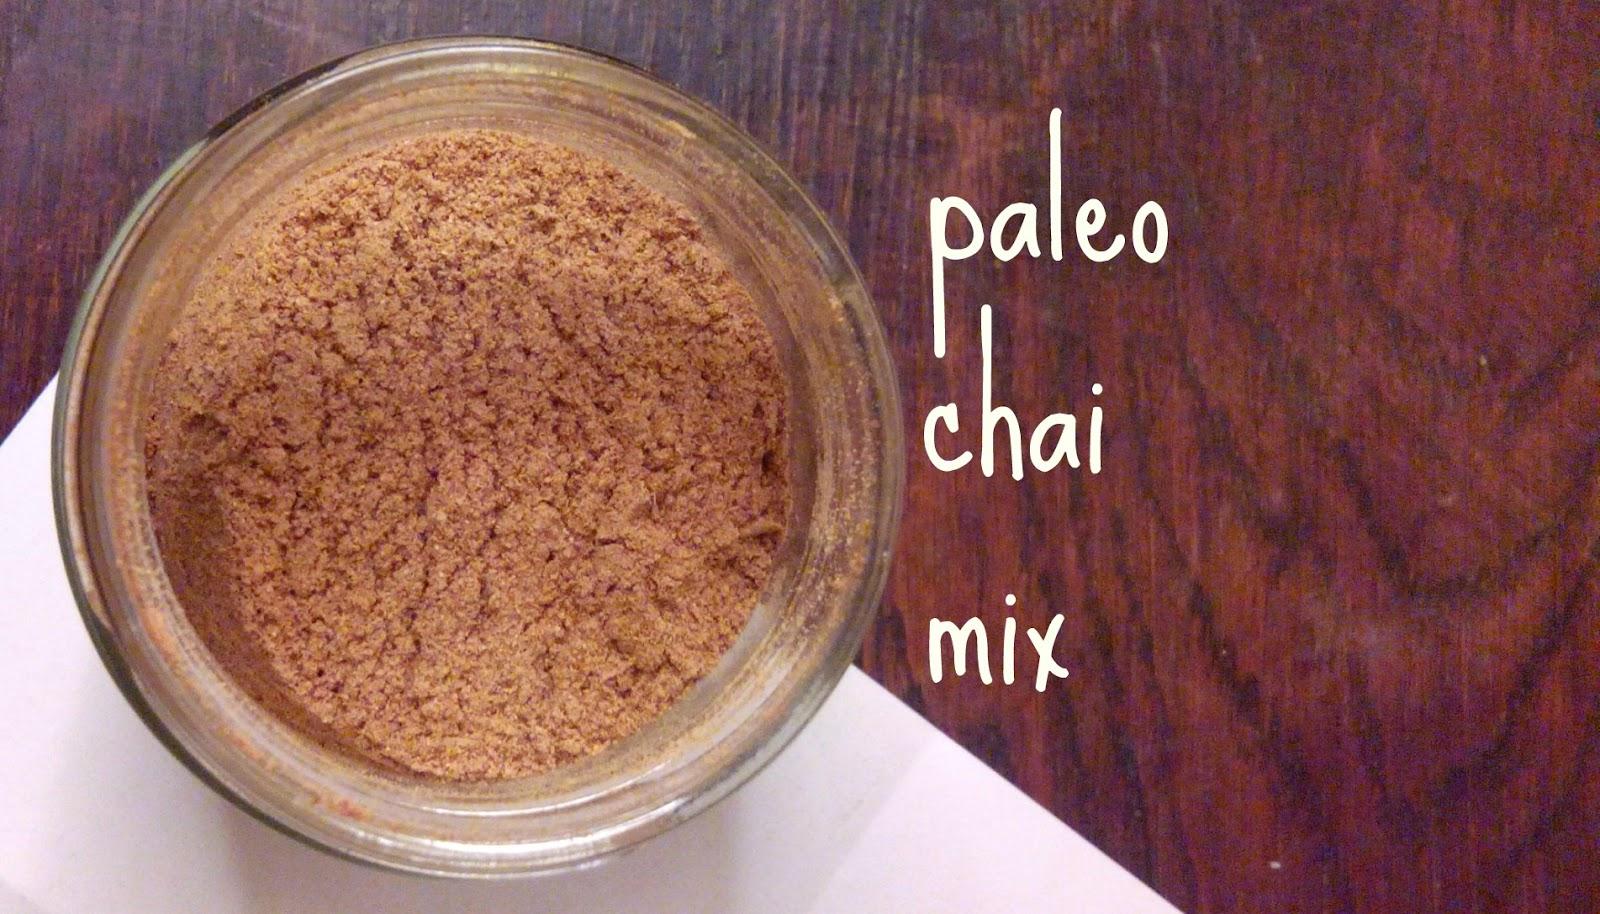 Paleo Chai Mix